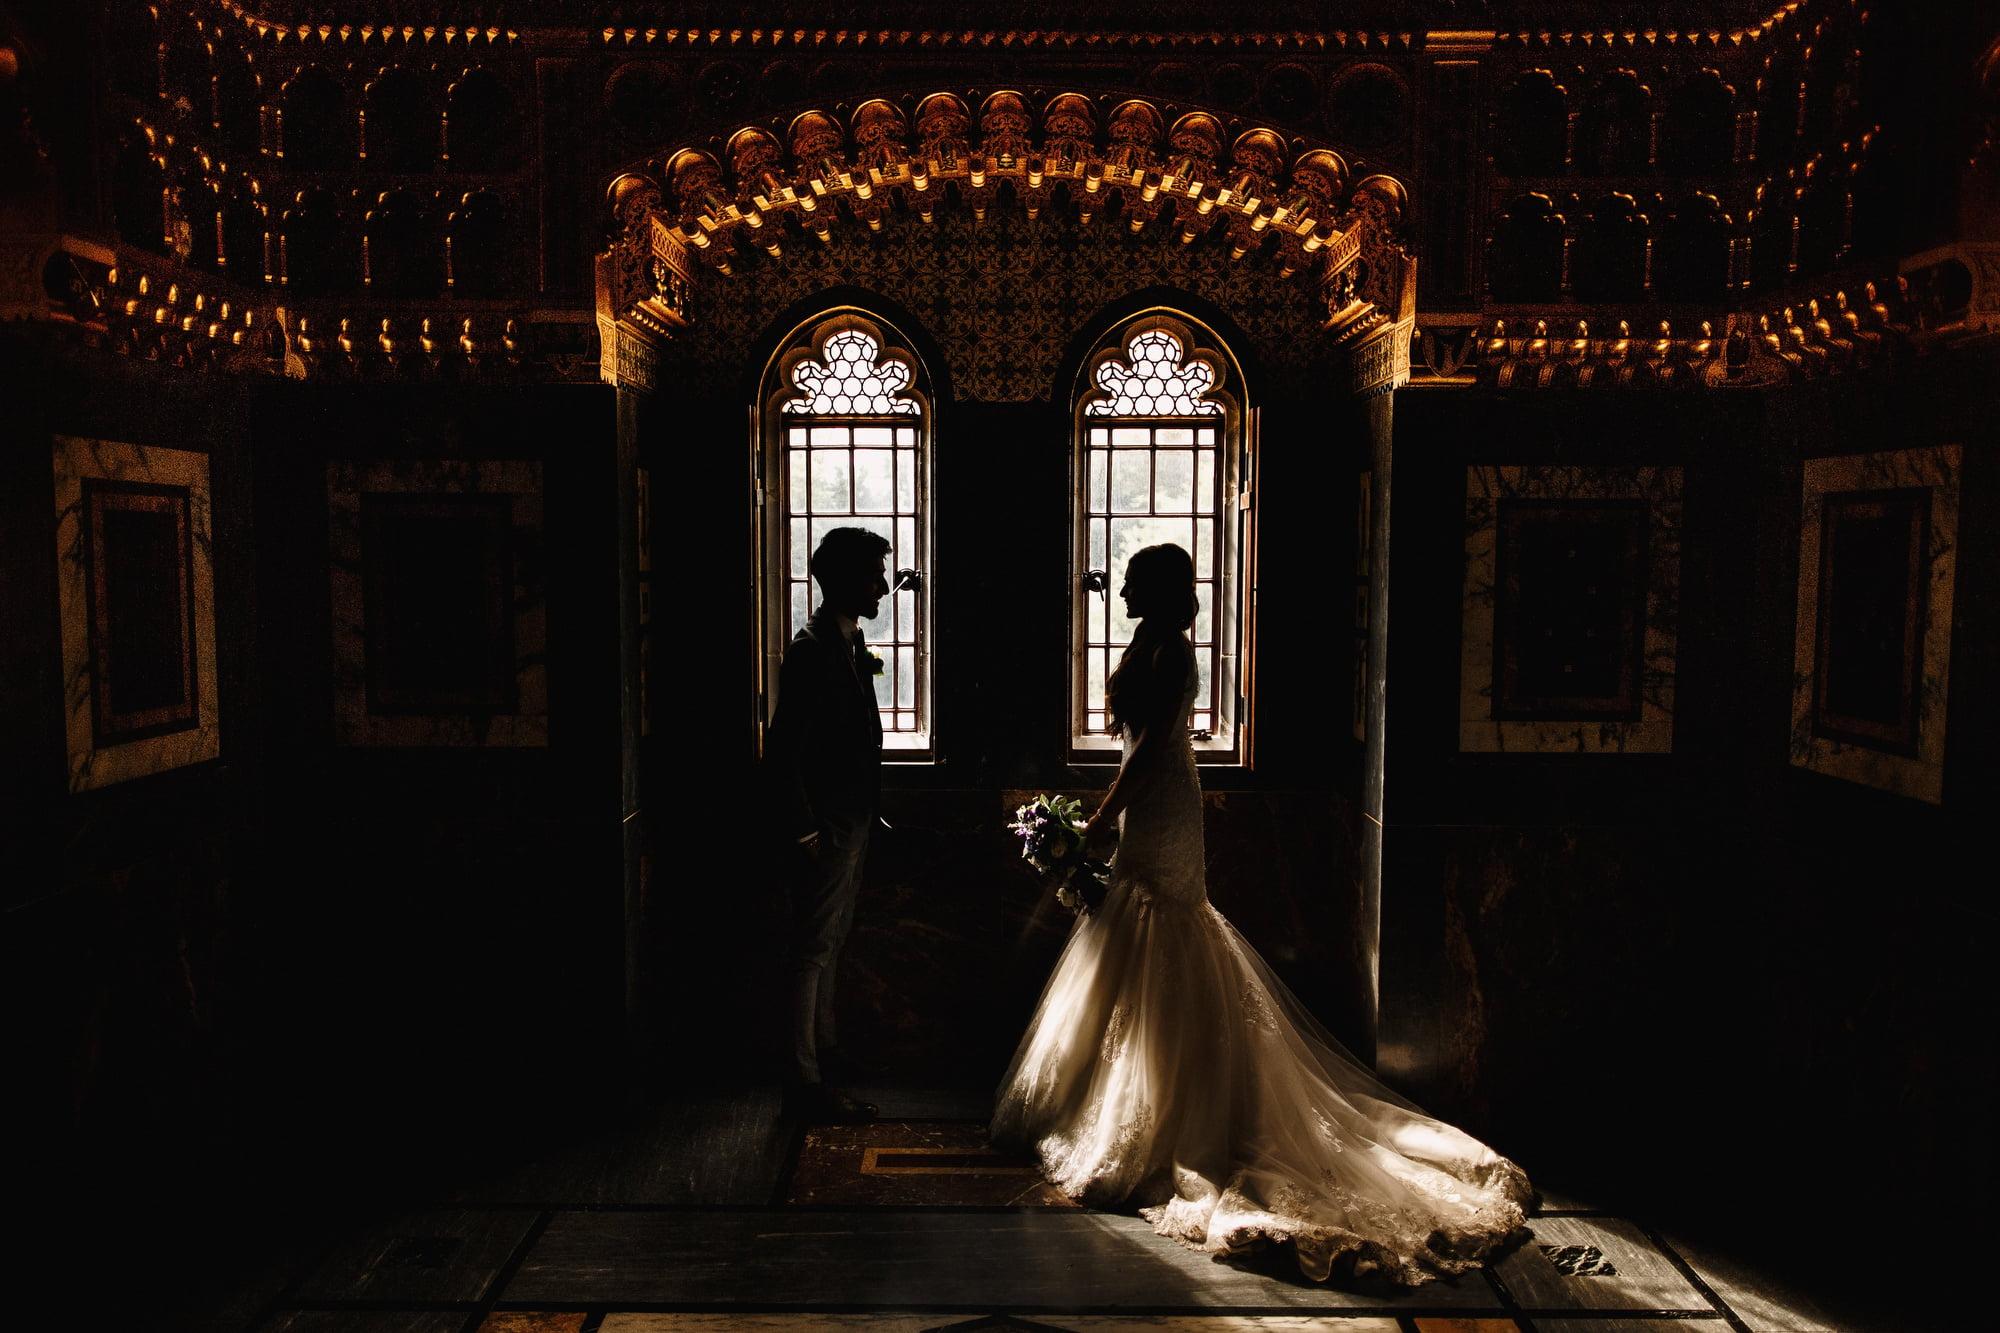 Cardiff wedding photography UK - Cardiff Castle